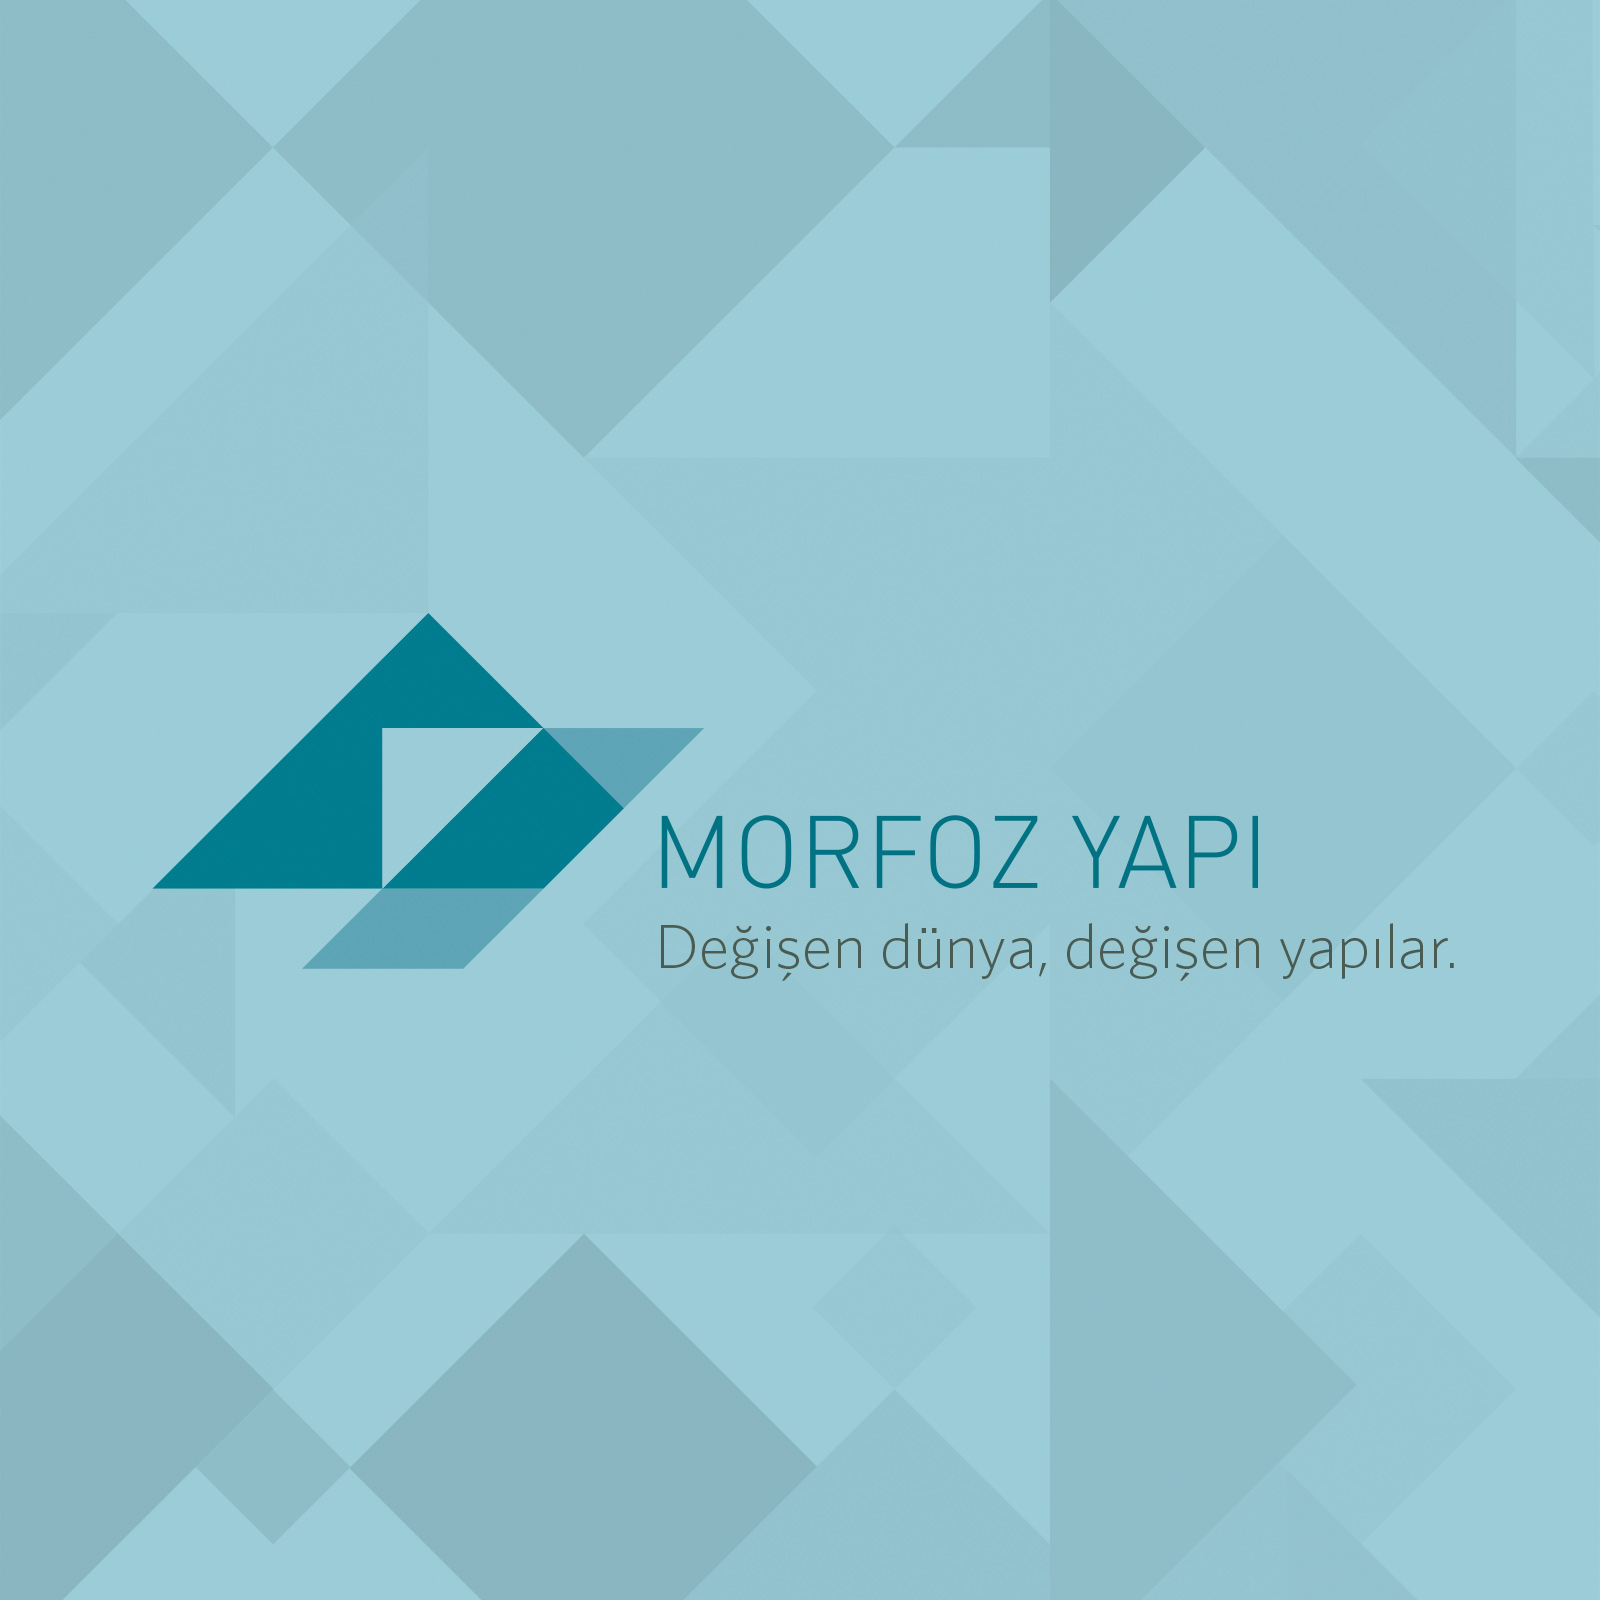 Morfoz Yapi